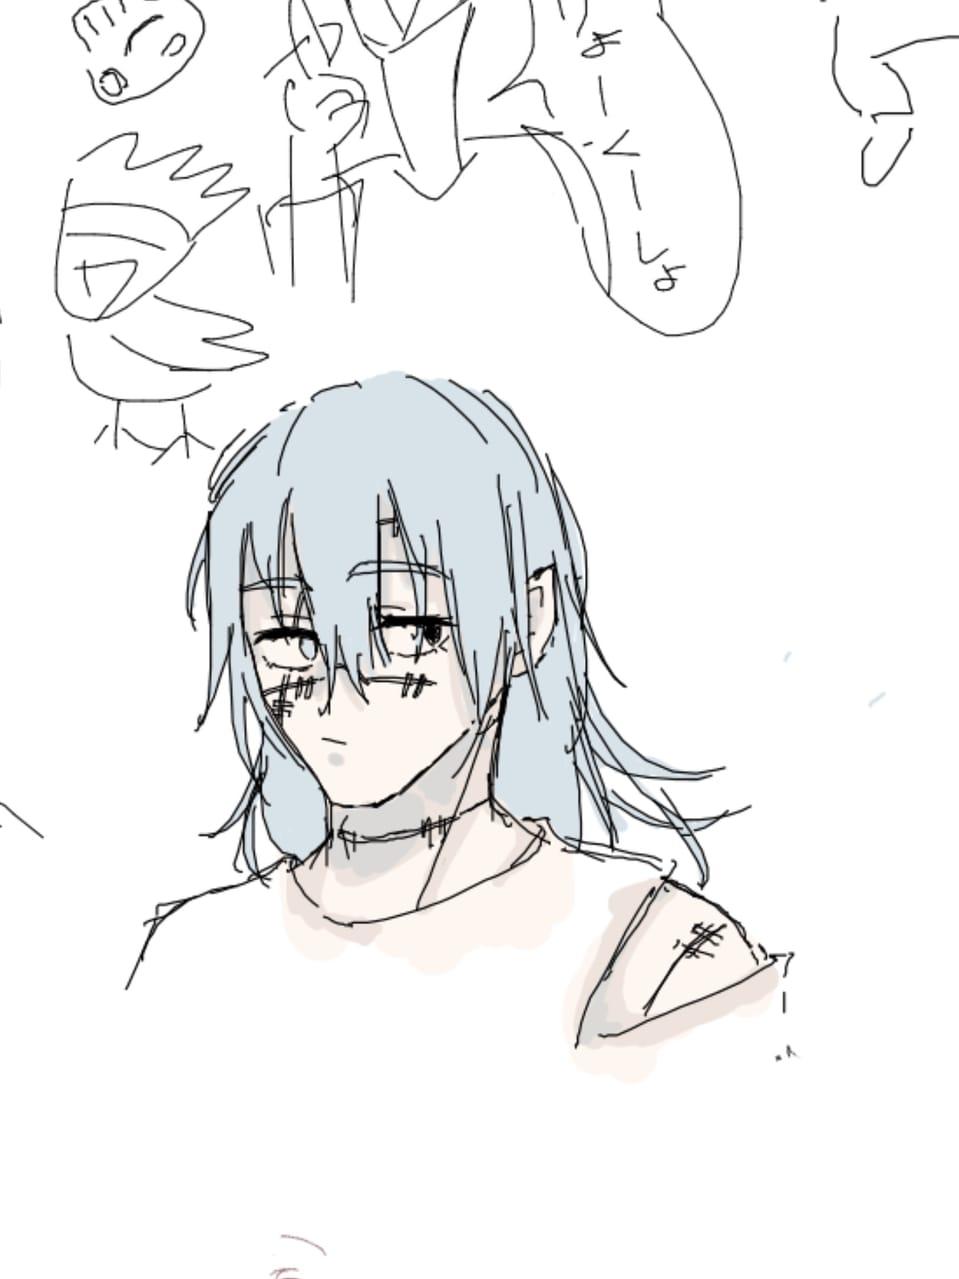 絵チャまとめ Illust of トラバント@低浮上 Megumi_Fushiguro 真人 アニ(進撃の巨人) JujutsuKaisen